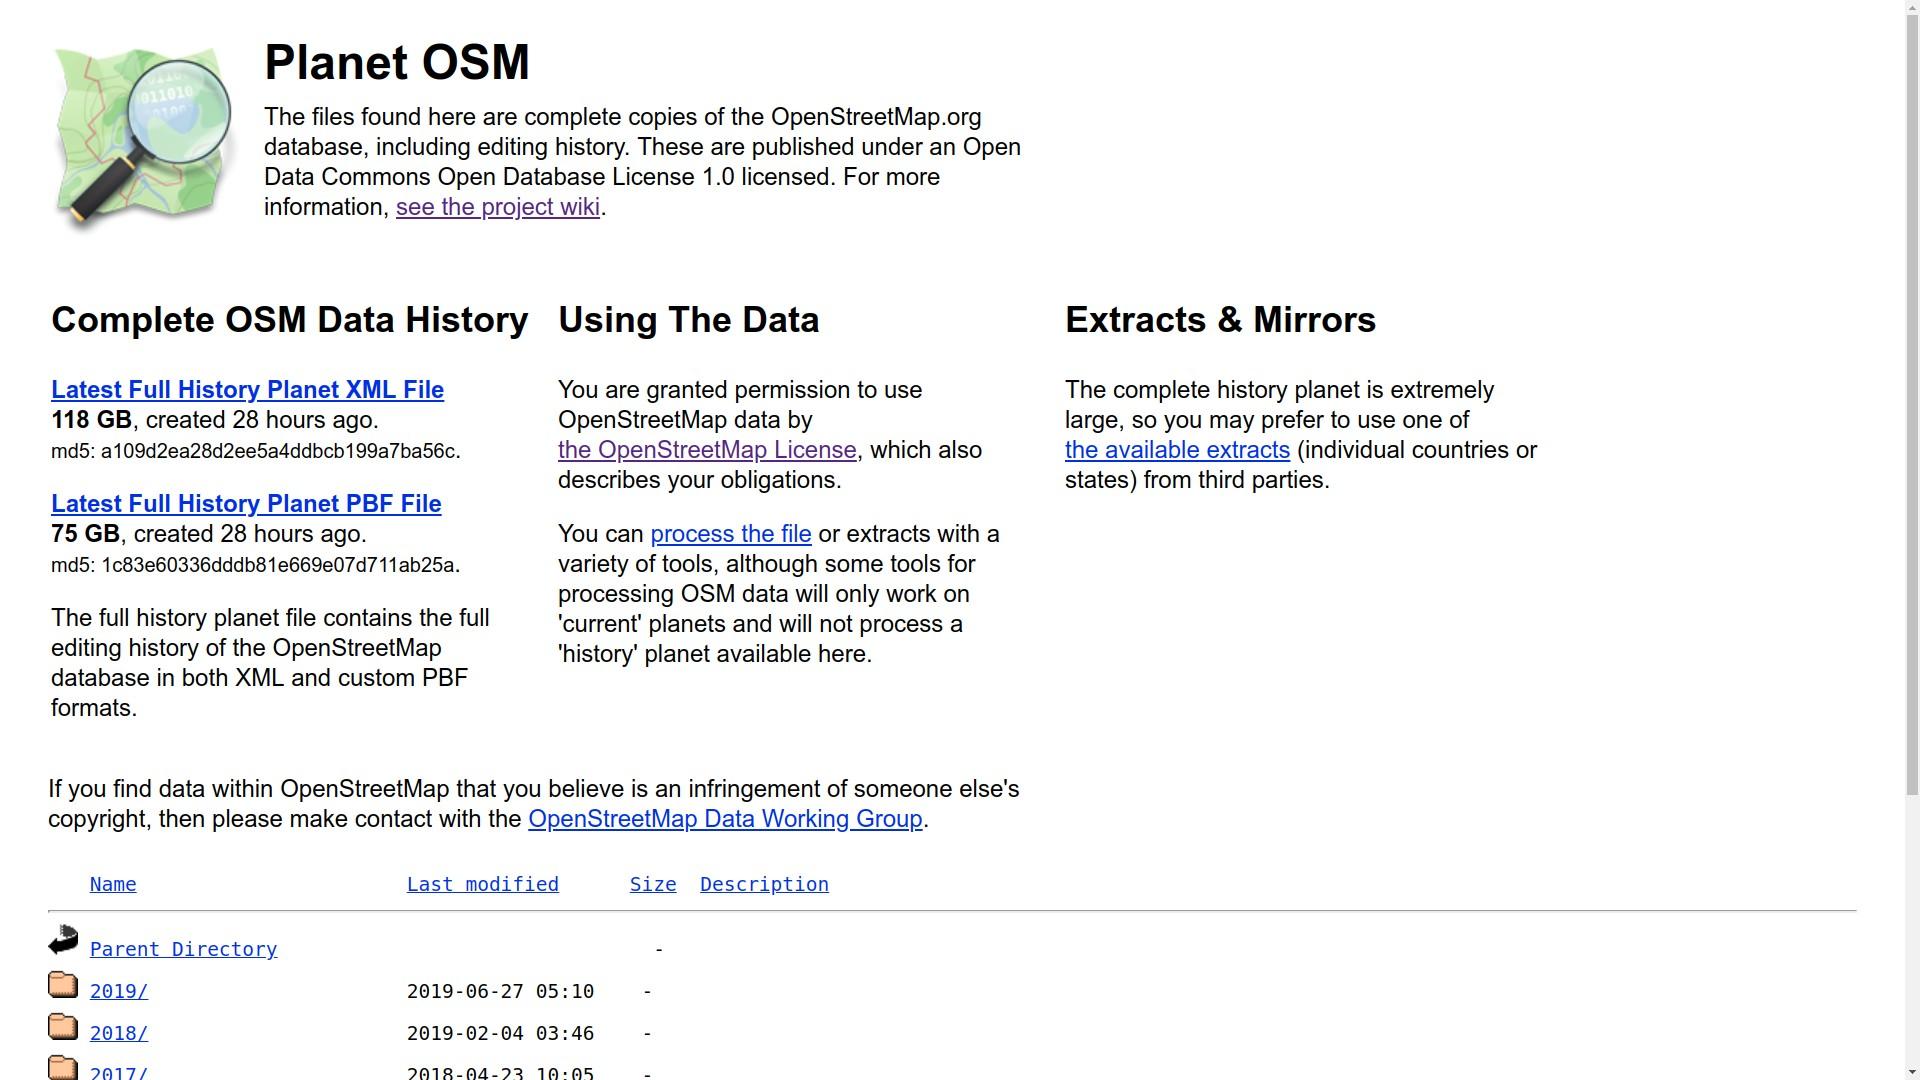 Πλανήτης OSM ιστορικό αρχείο